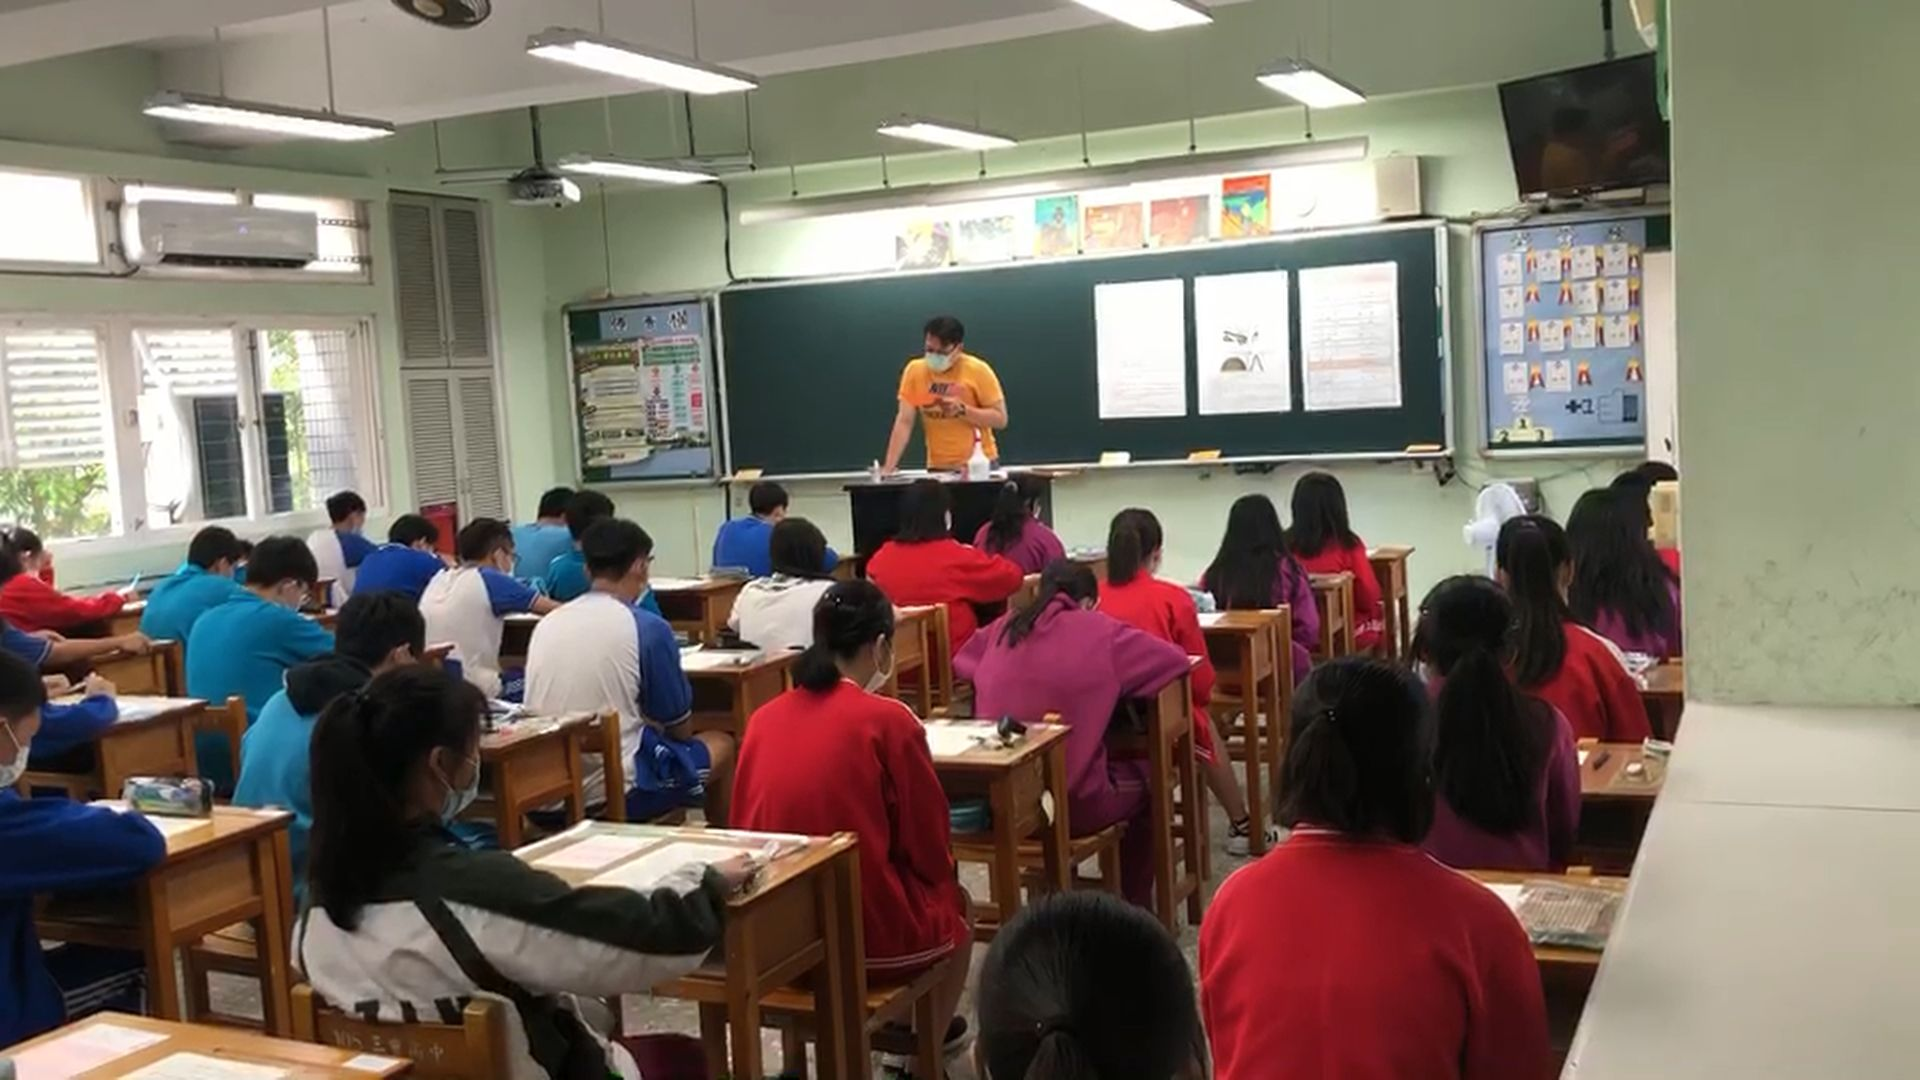 國中教育會考 試場照片1_大圖